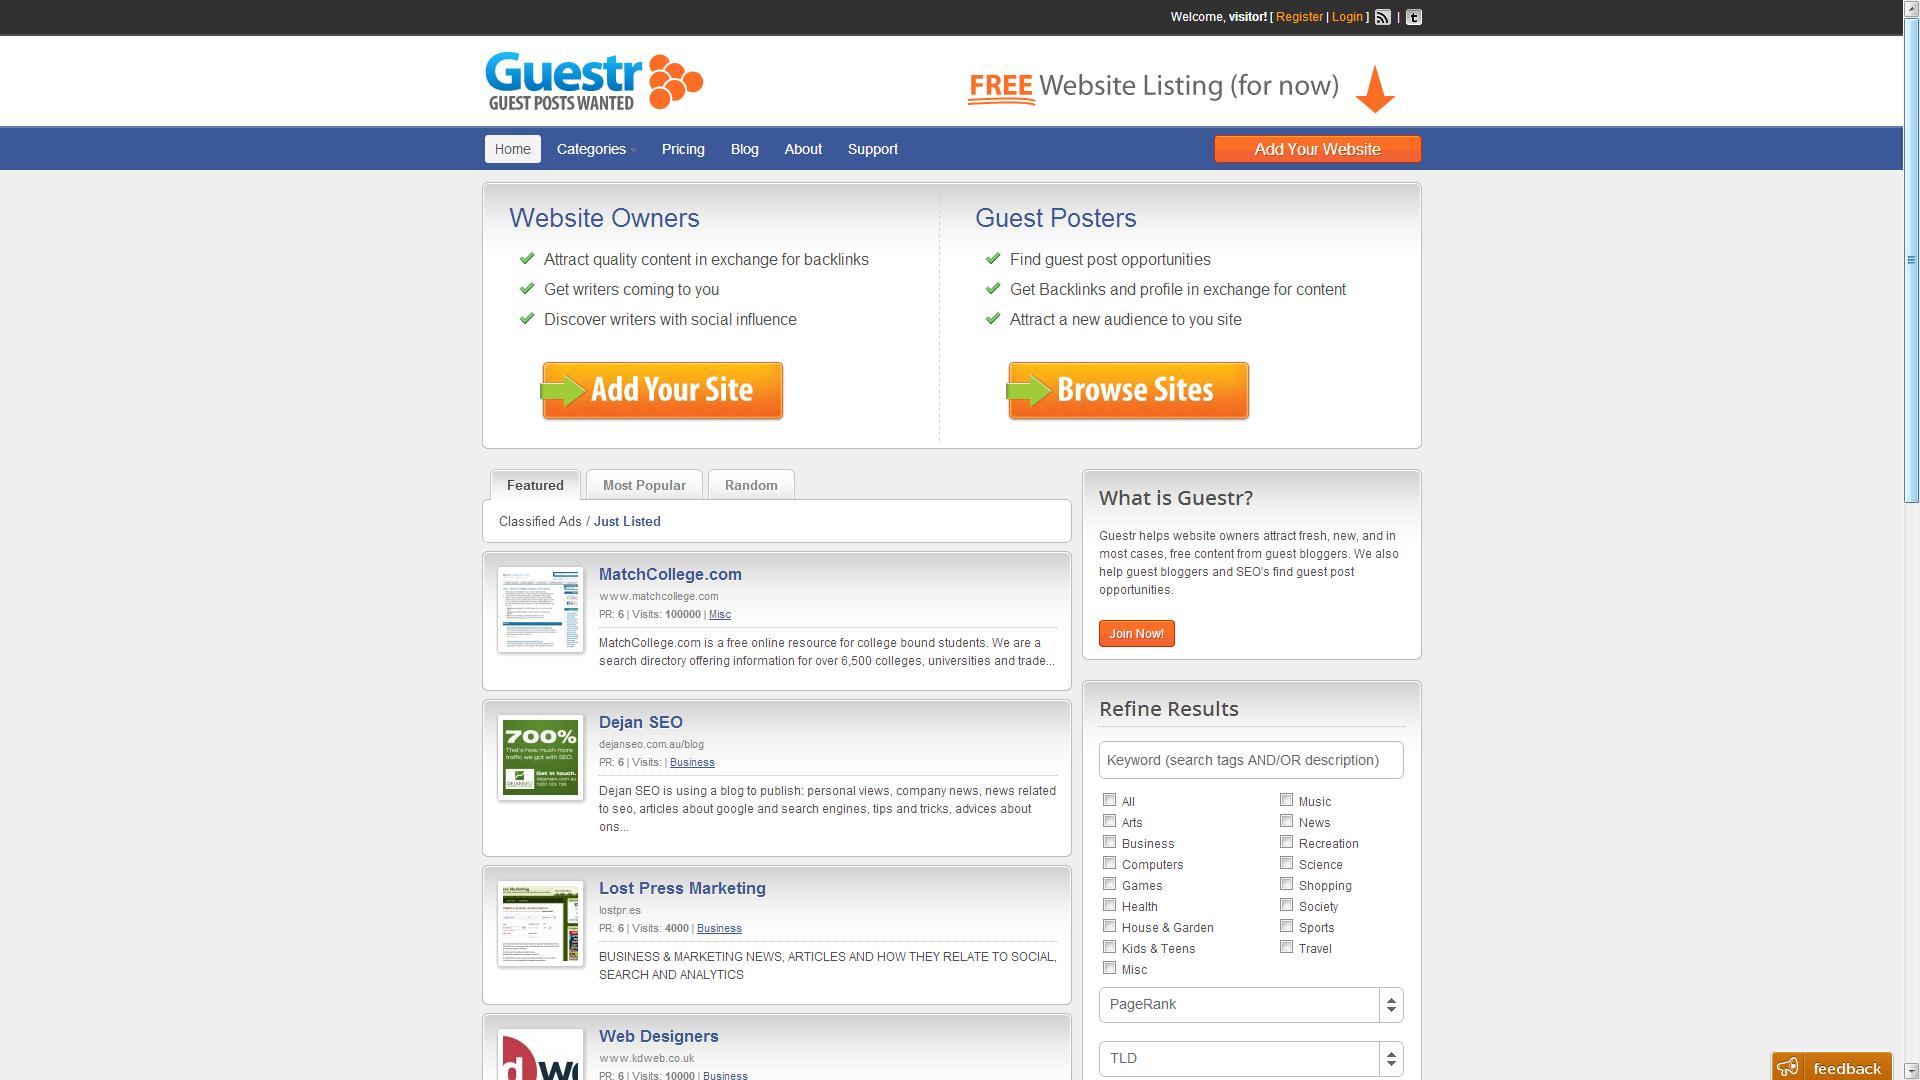 Sitio para compartir posts